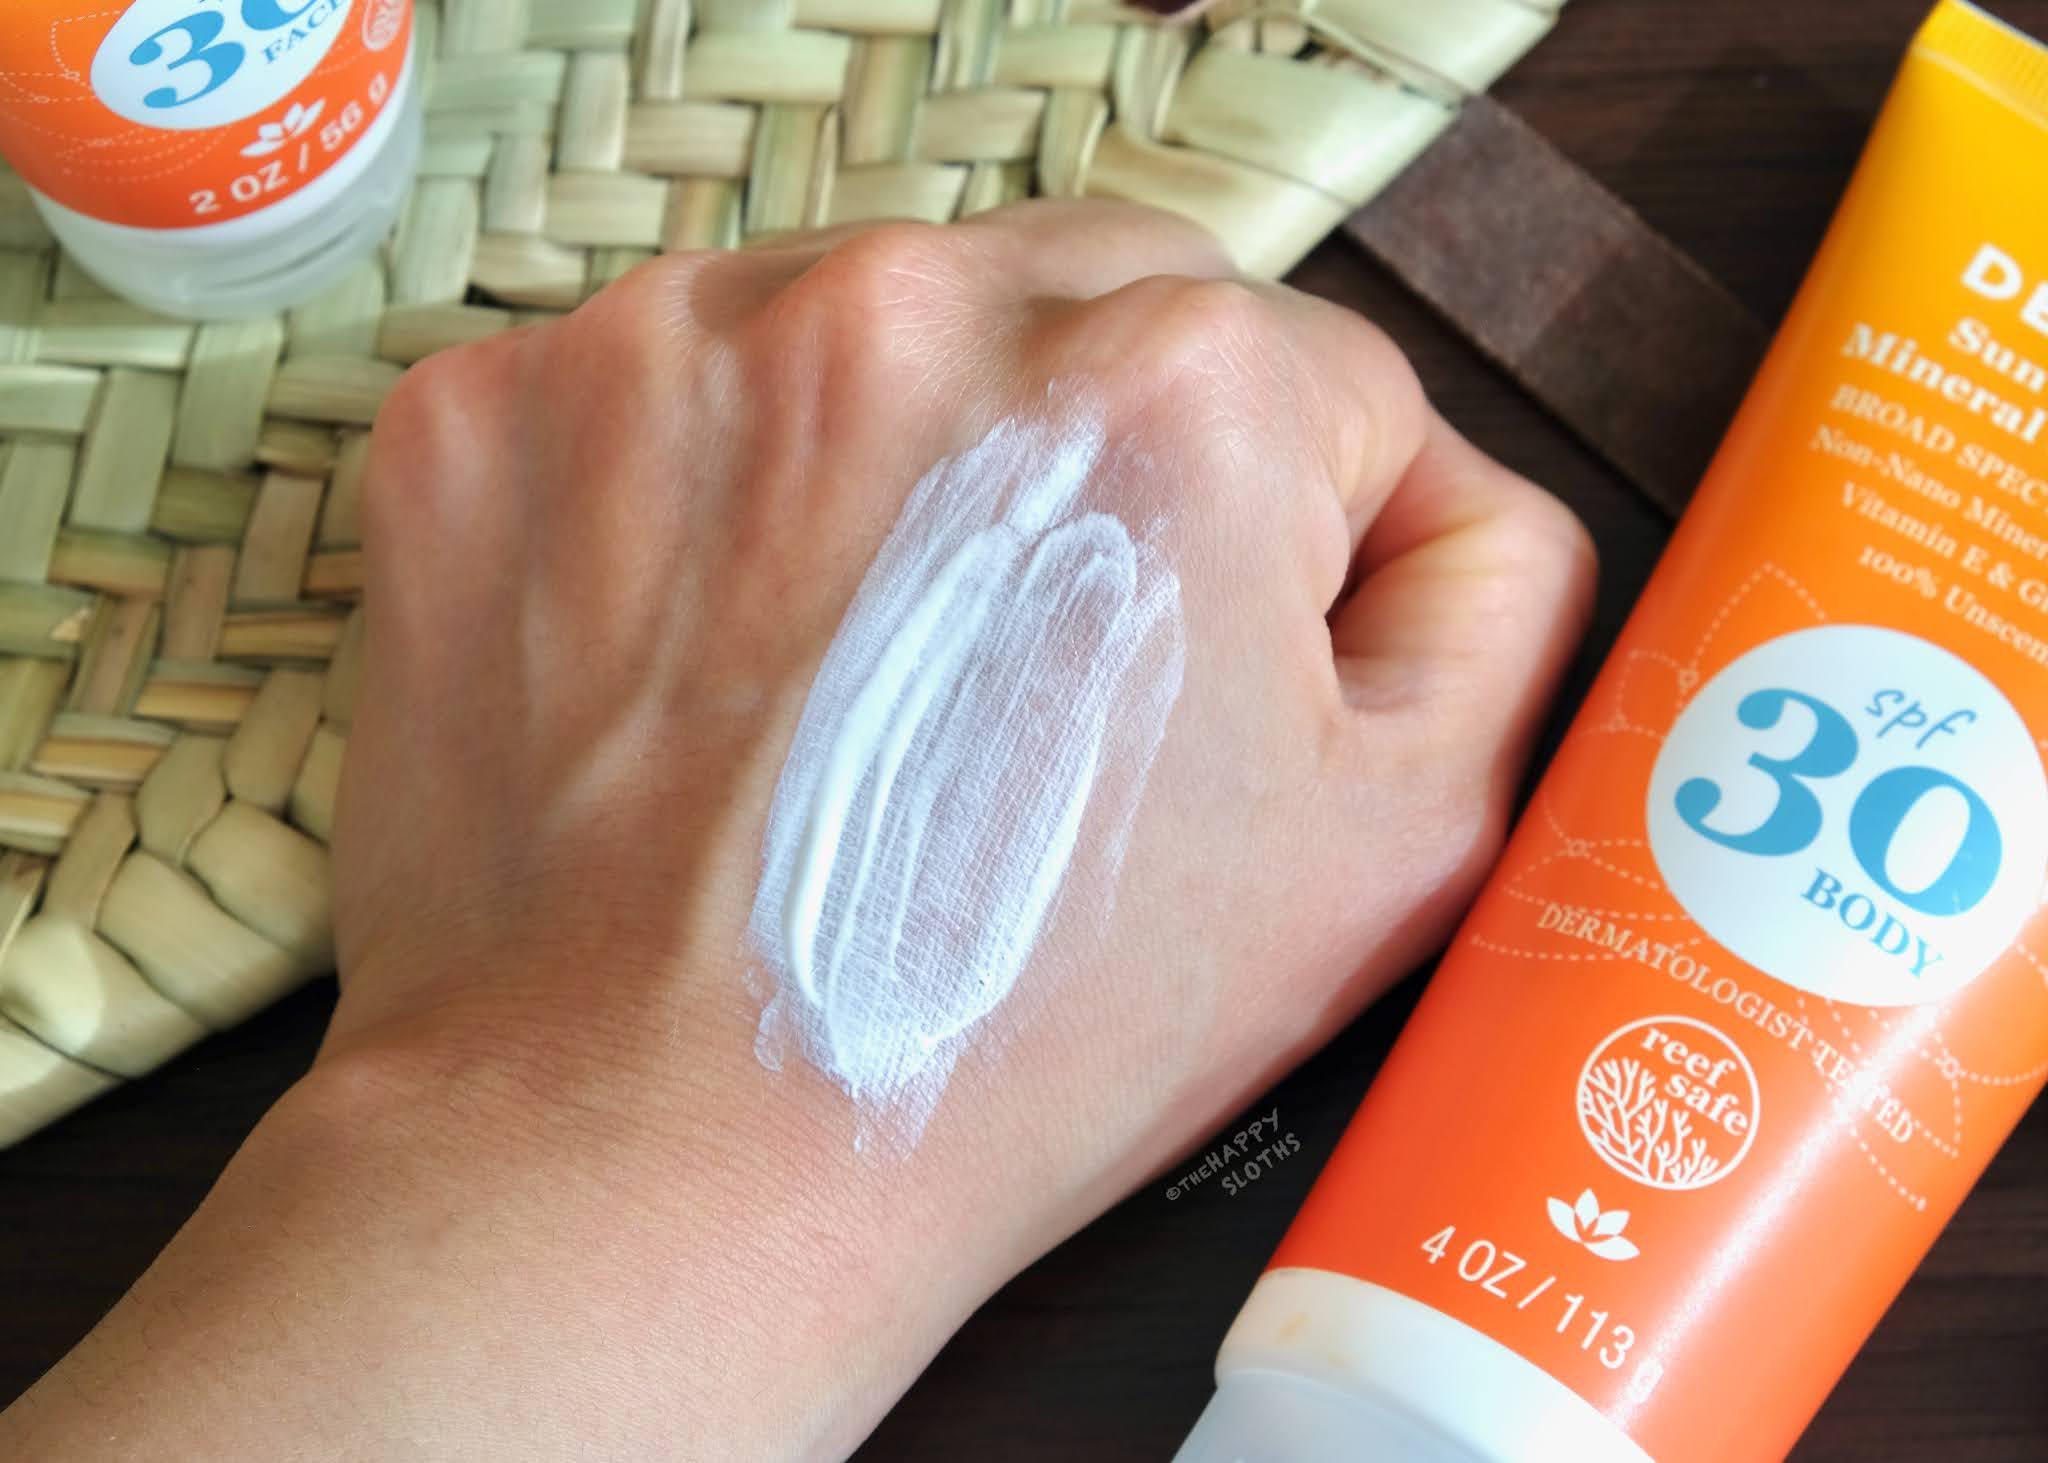 Derma E | Sun Defense Mineral Oil-Free Sunscreen Body: Review